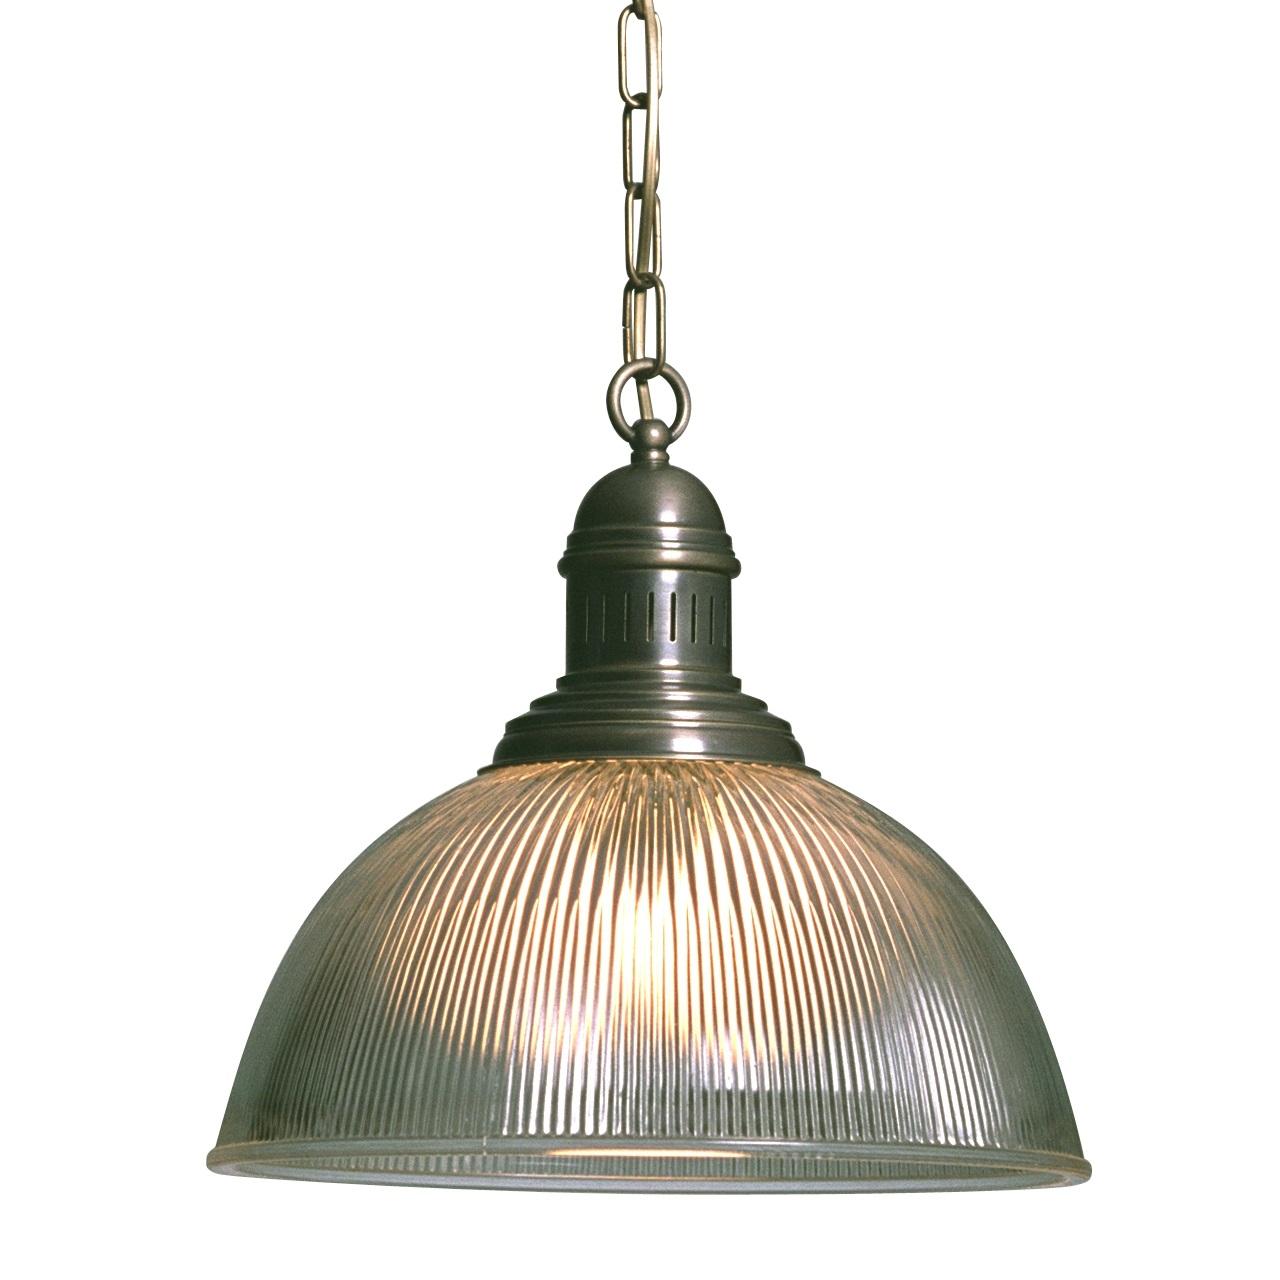 Nostalgische Keuken Kopen : Hanglamp Glas kopen? Online op Stoerelampen.nl